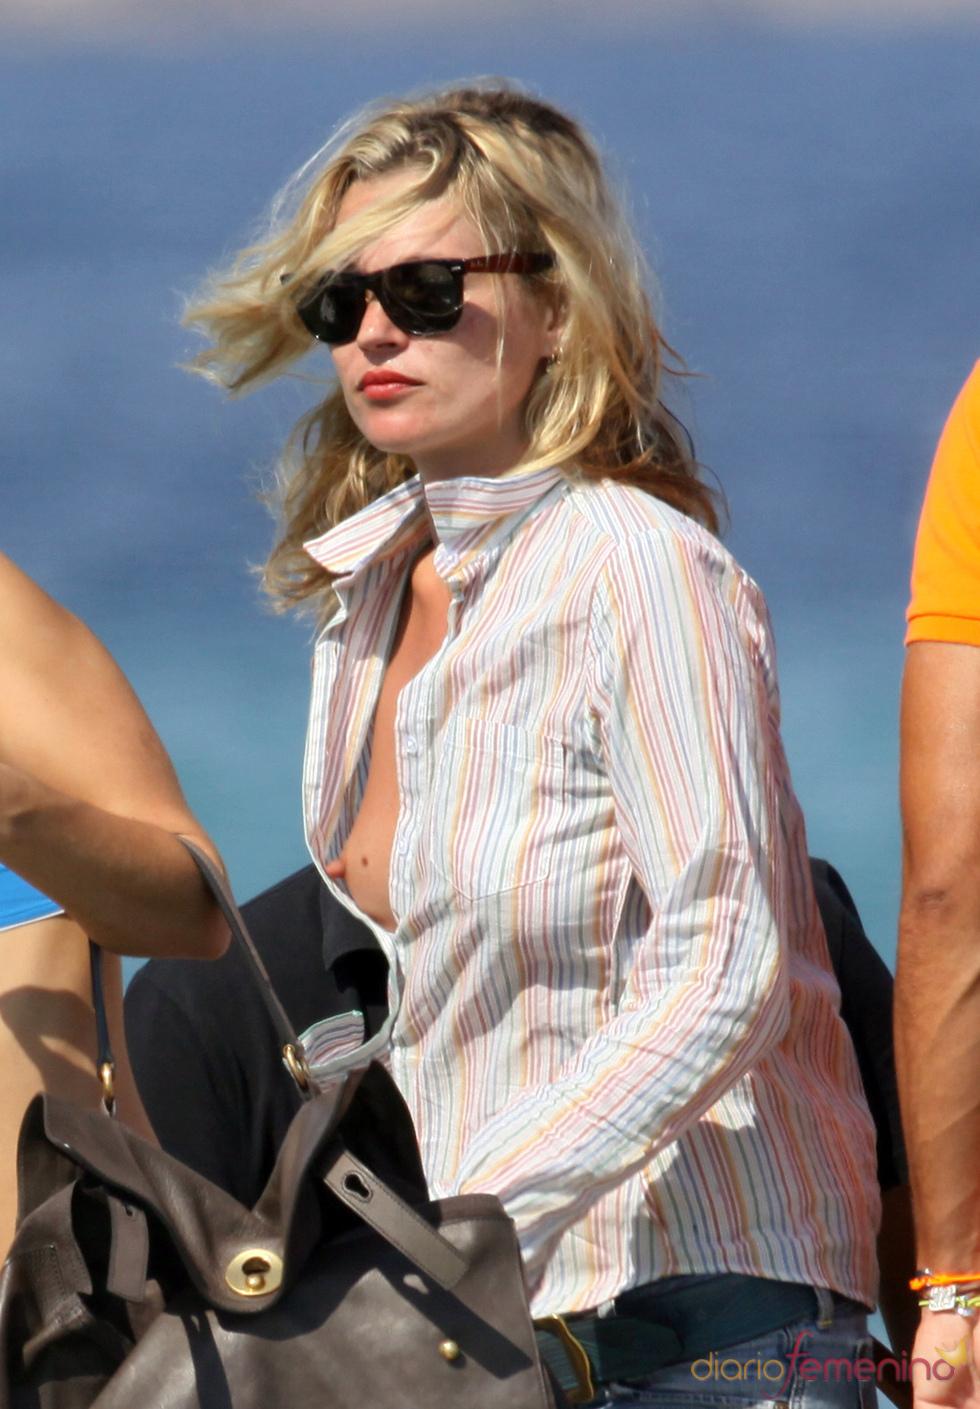 El escote traicionero de Kate Moss